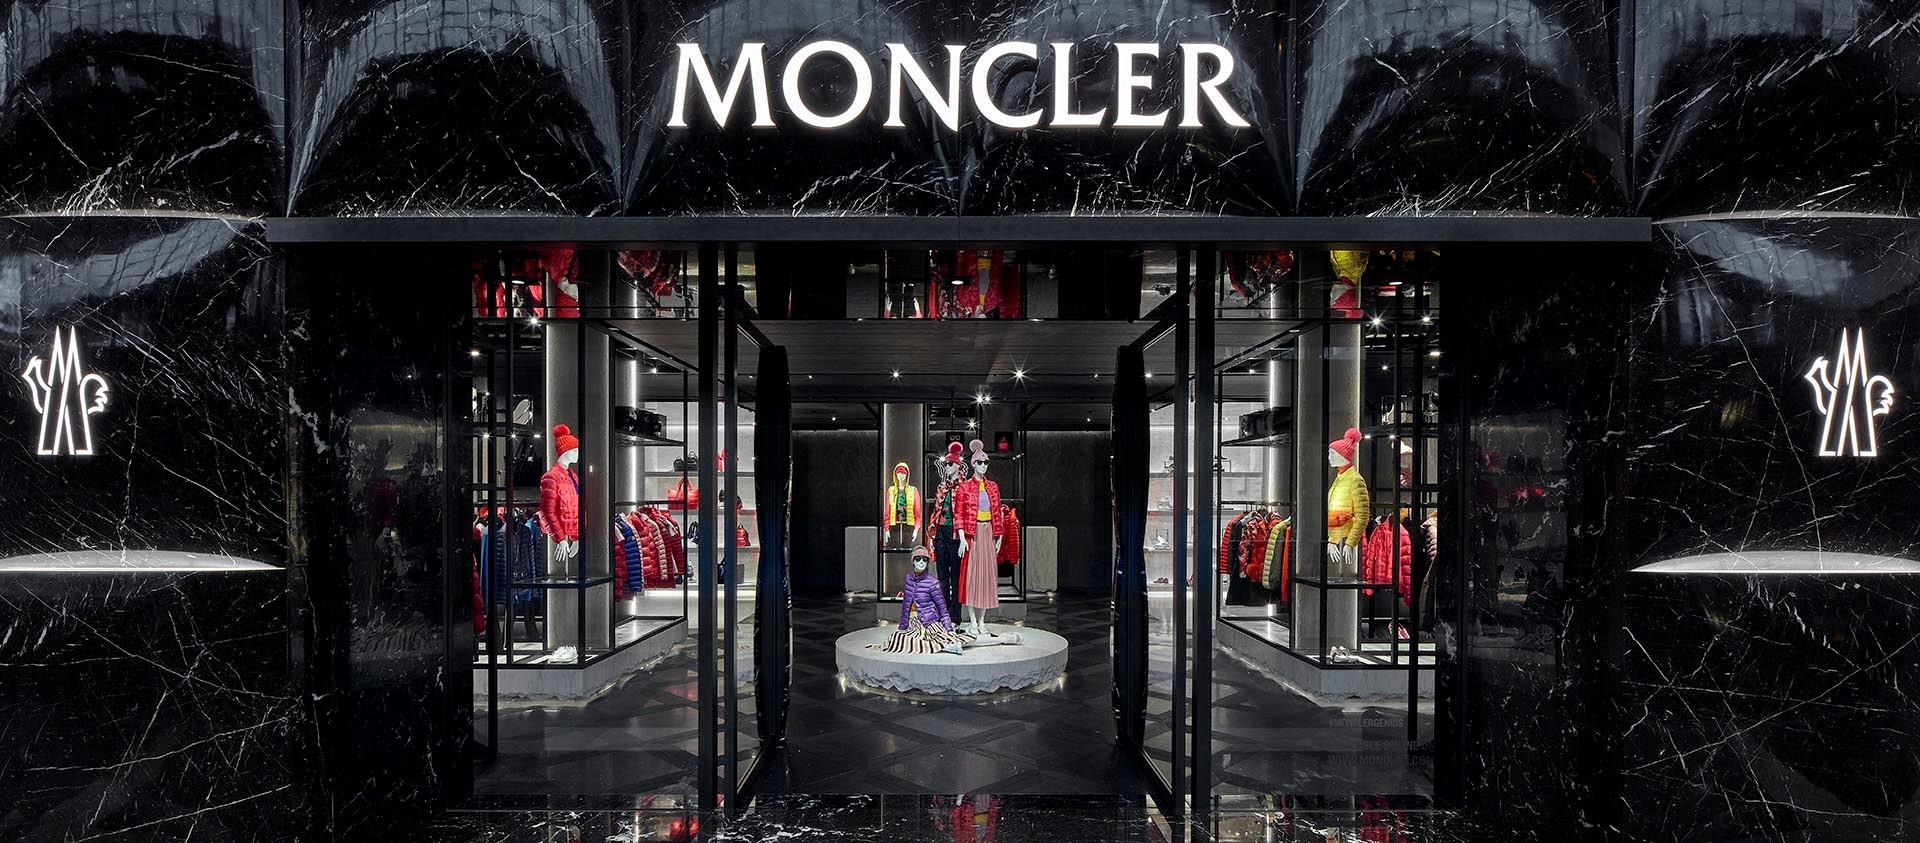 疫情后奢侈品牌破产裁员,为何却扎堆中国开店办秀?